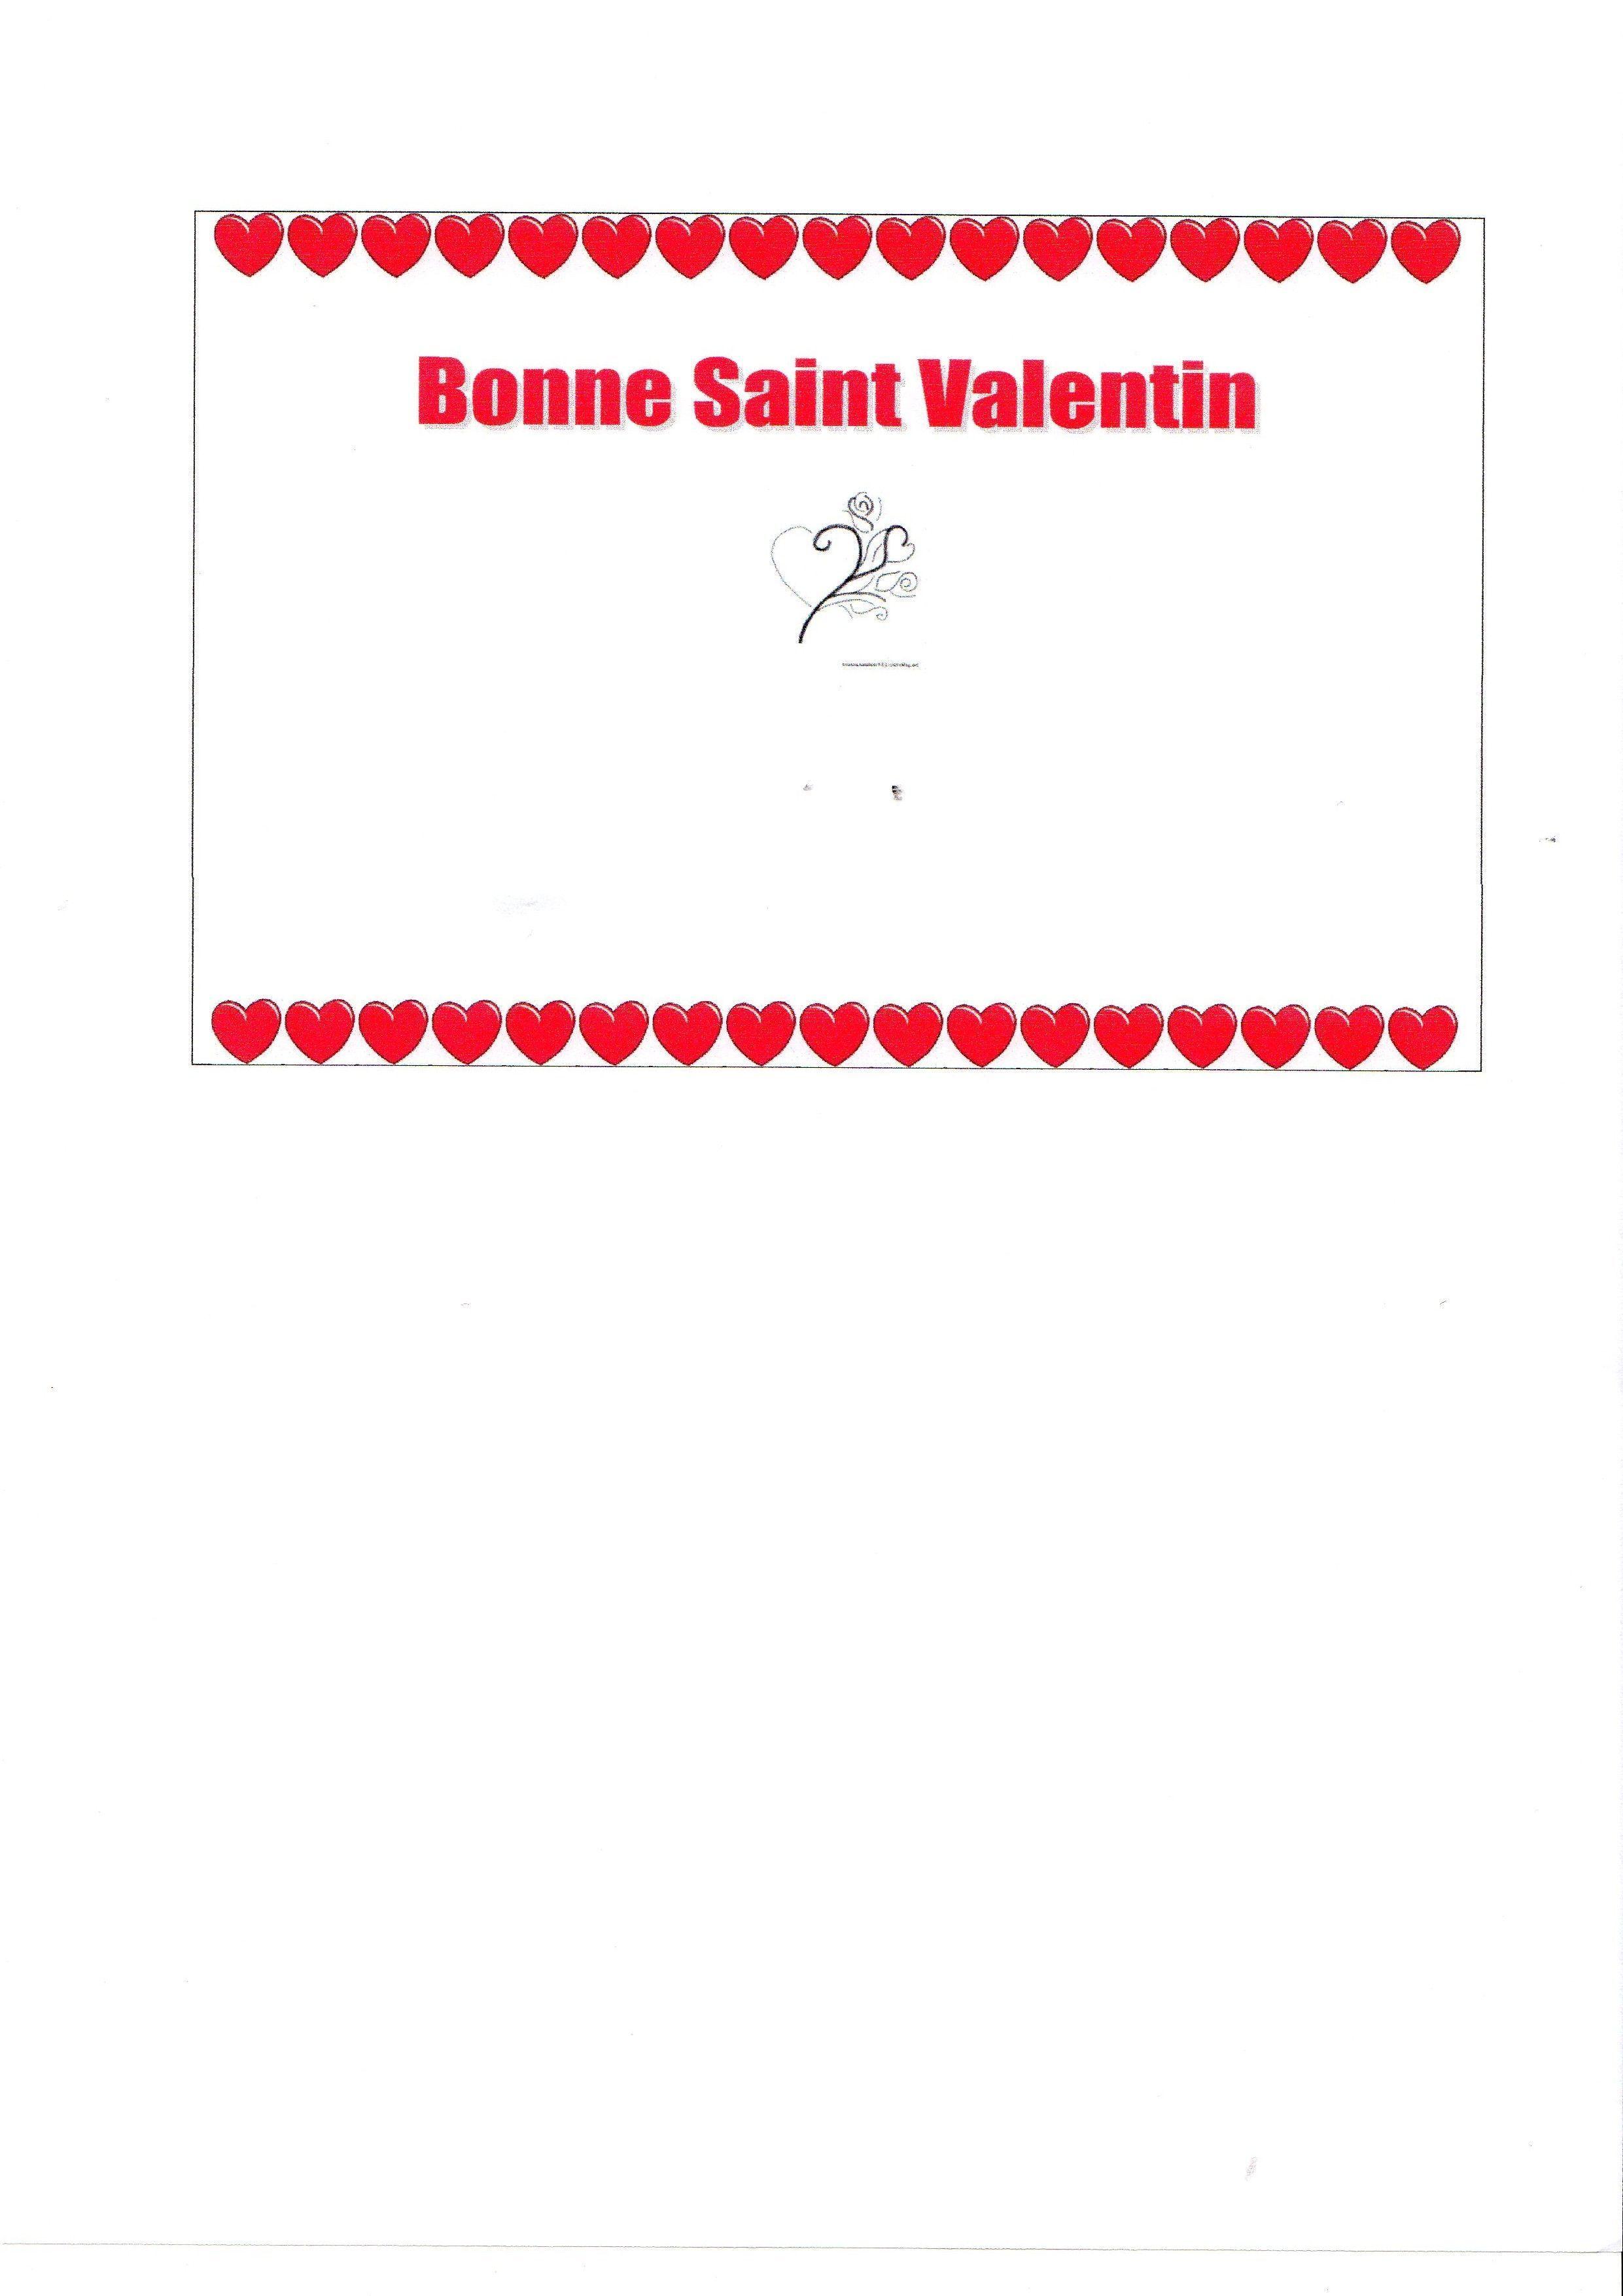 Activit manuelle carte de saint valentin - Activite manuelle st valentin ...